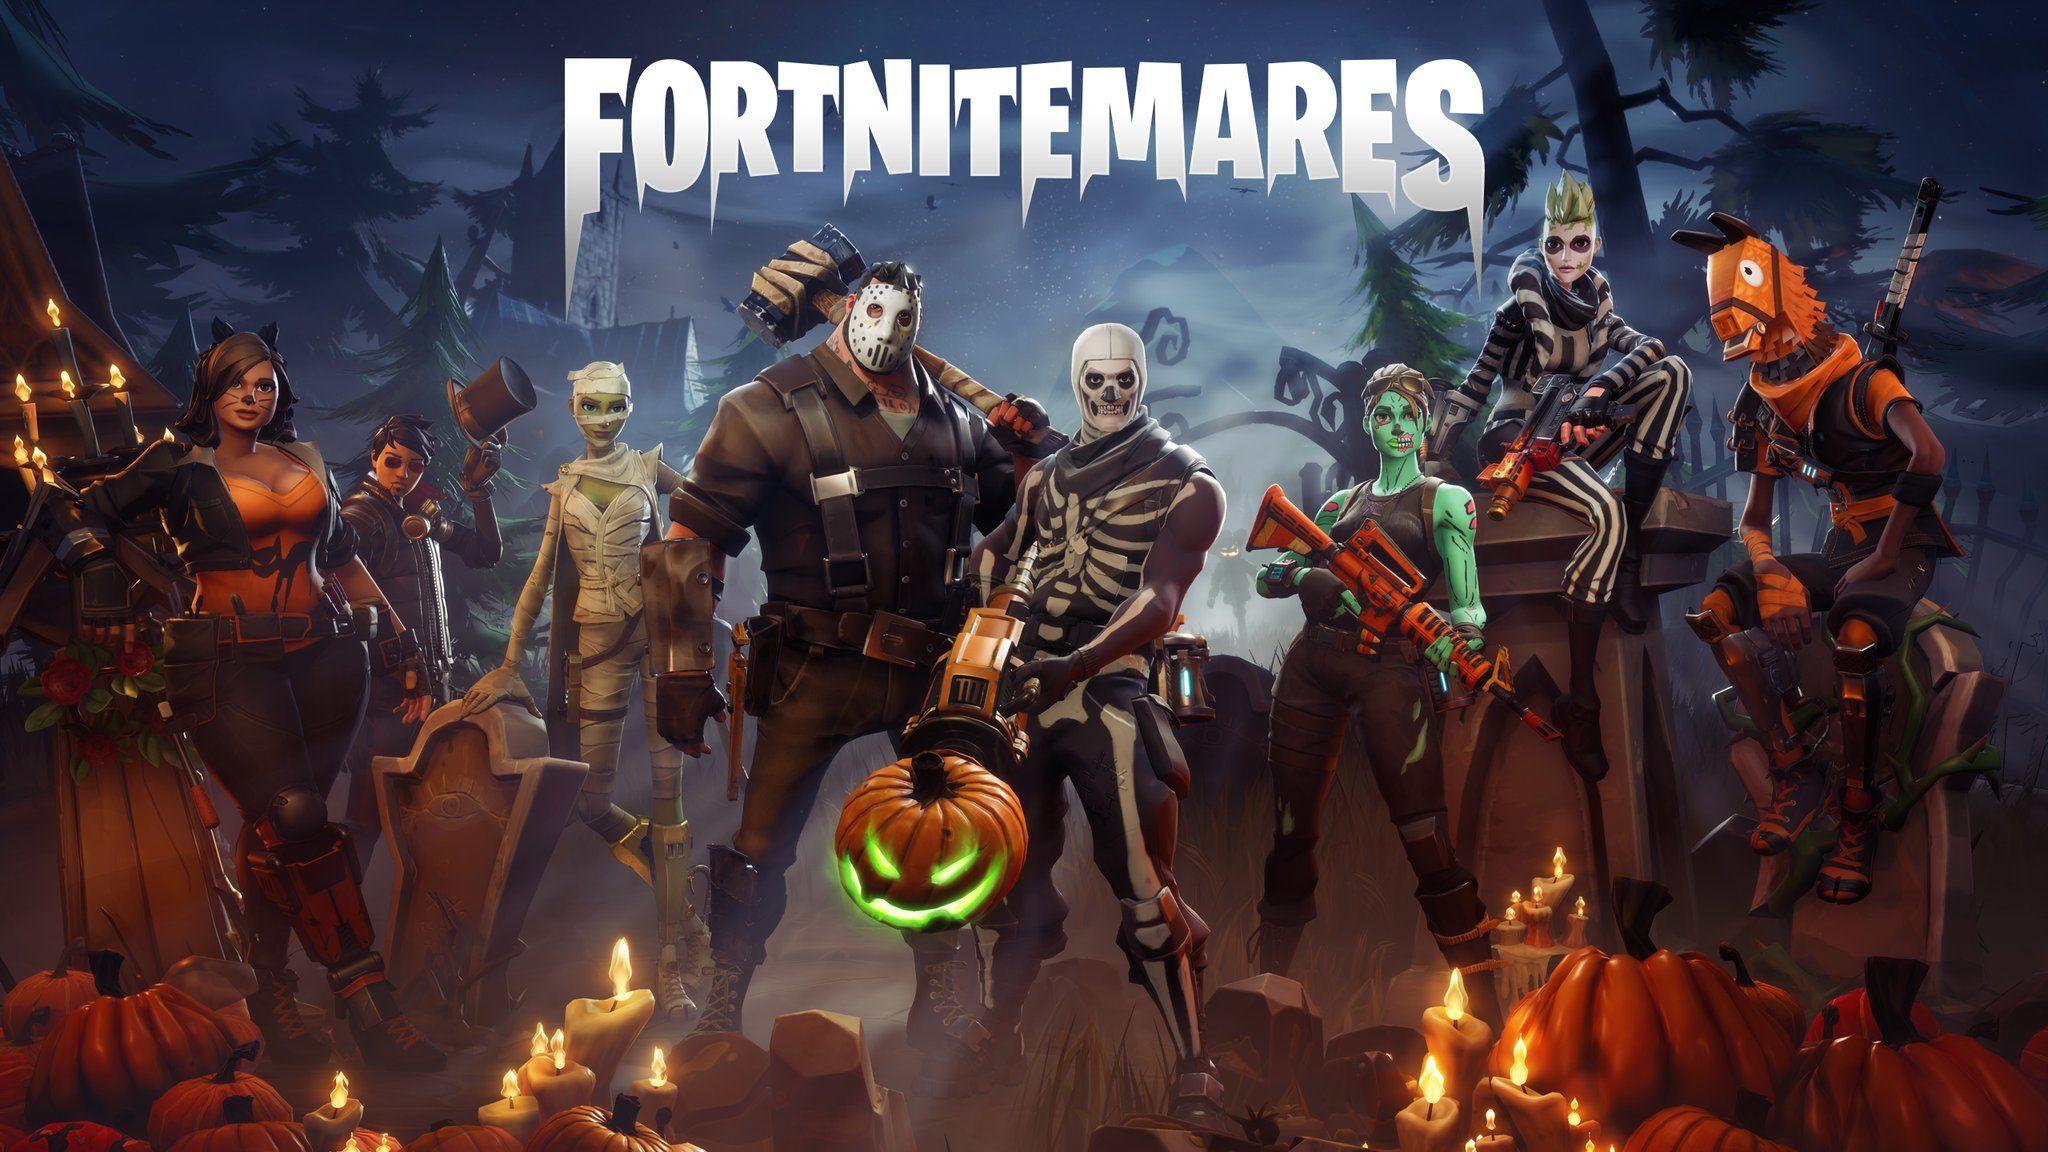 Fortnite Fortnitegame Twitter Wallpaper For Computer